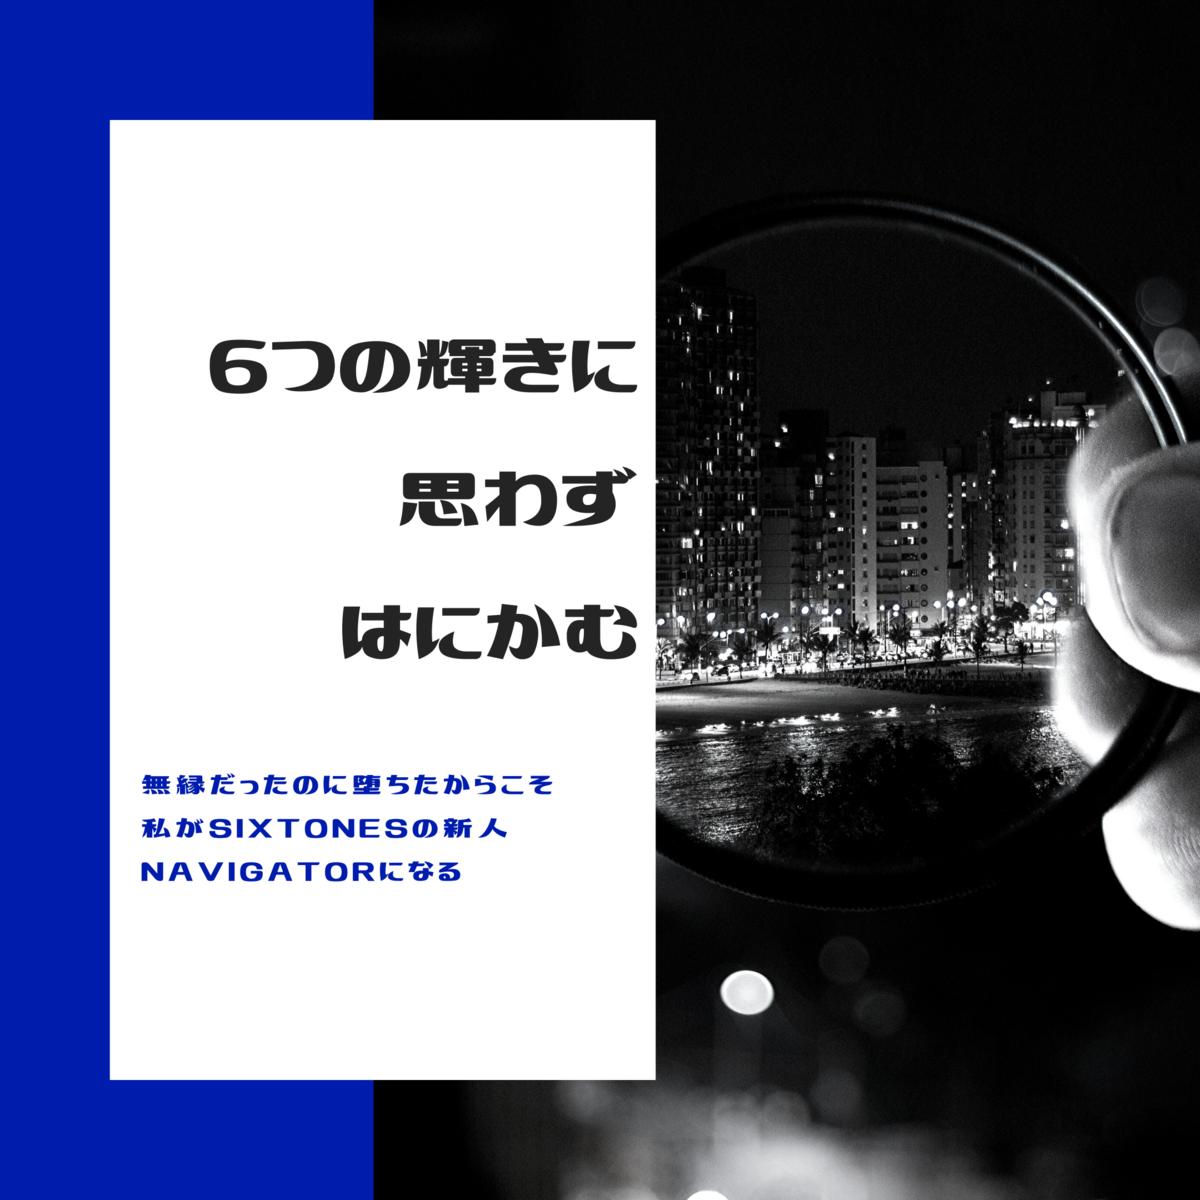 f:id:tsukino25:20200501125923p:plain